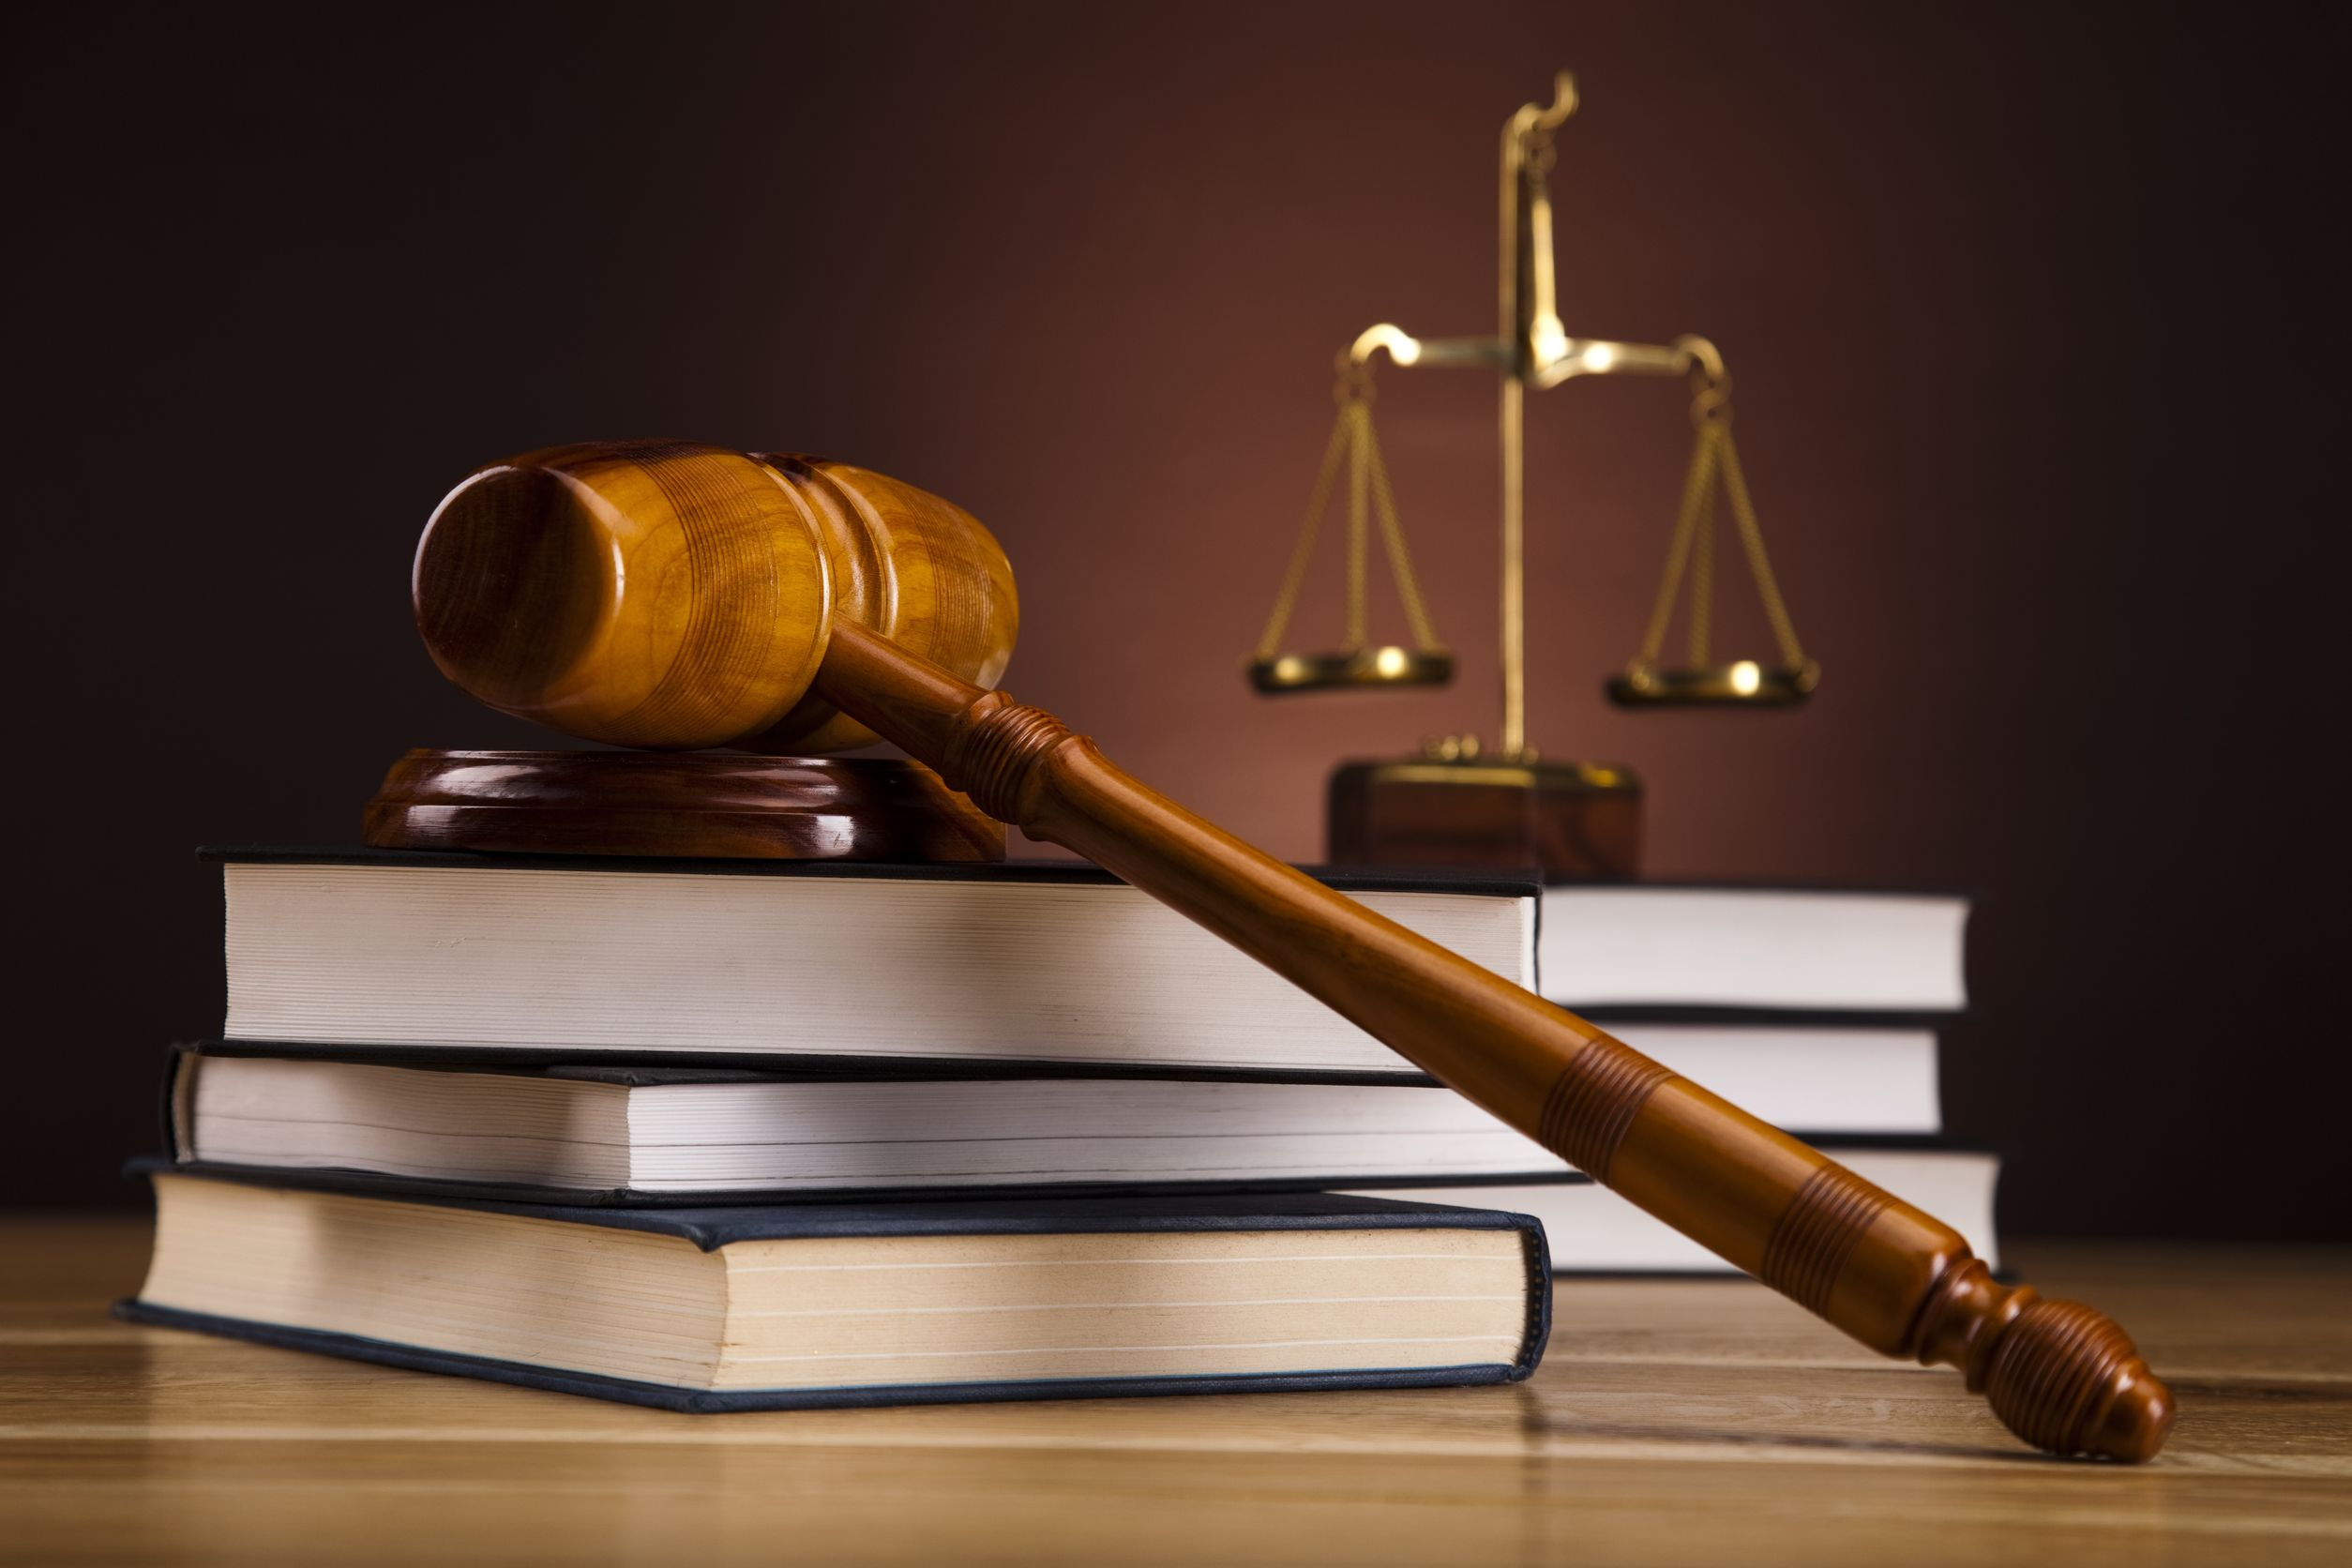 Ordinul nr. 895/2019 privind condițiile necesare în vederea exercitării profesiei de medic, medic stomatolog și, respectiv, farmacist pe teritoriul României în cadrul unităților sanitare publice și private